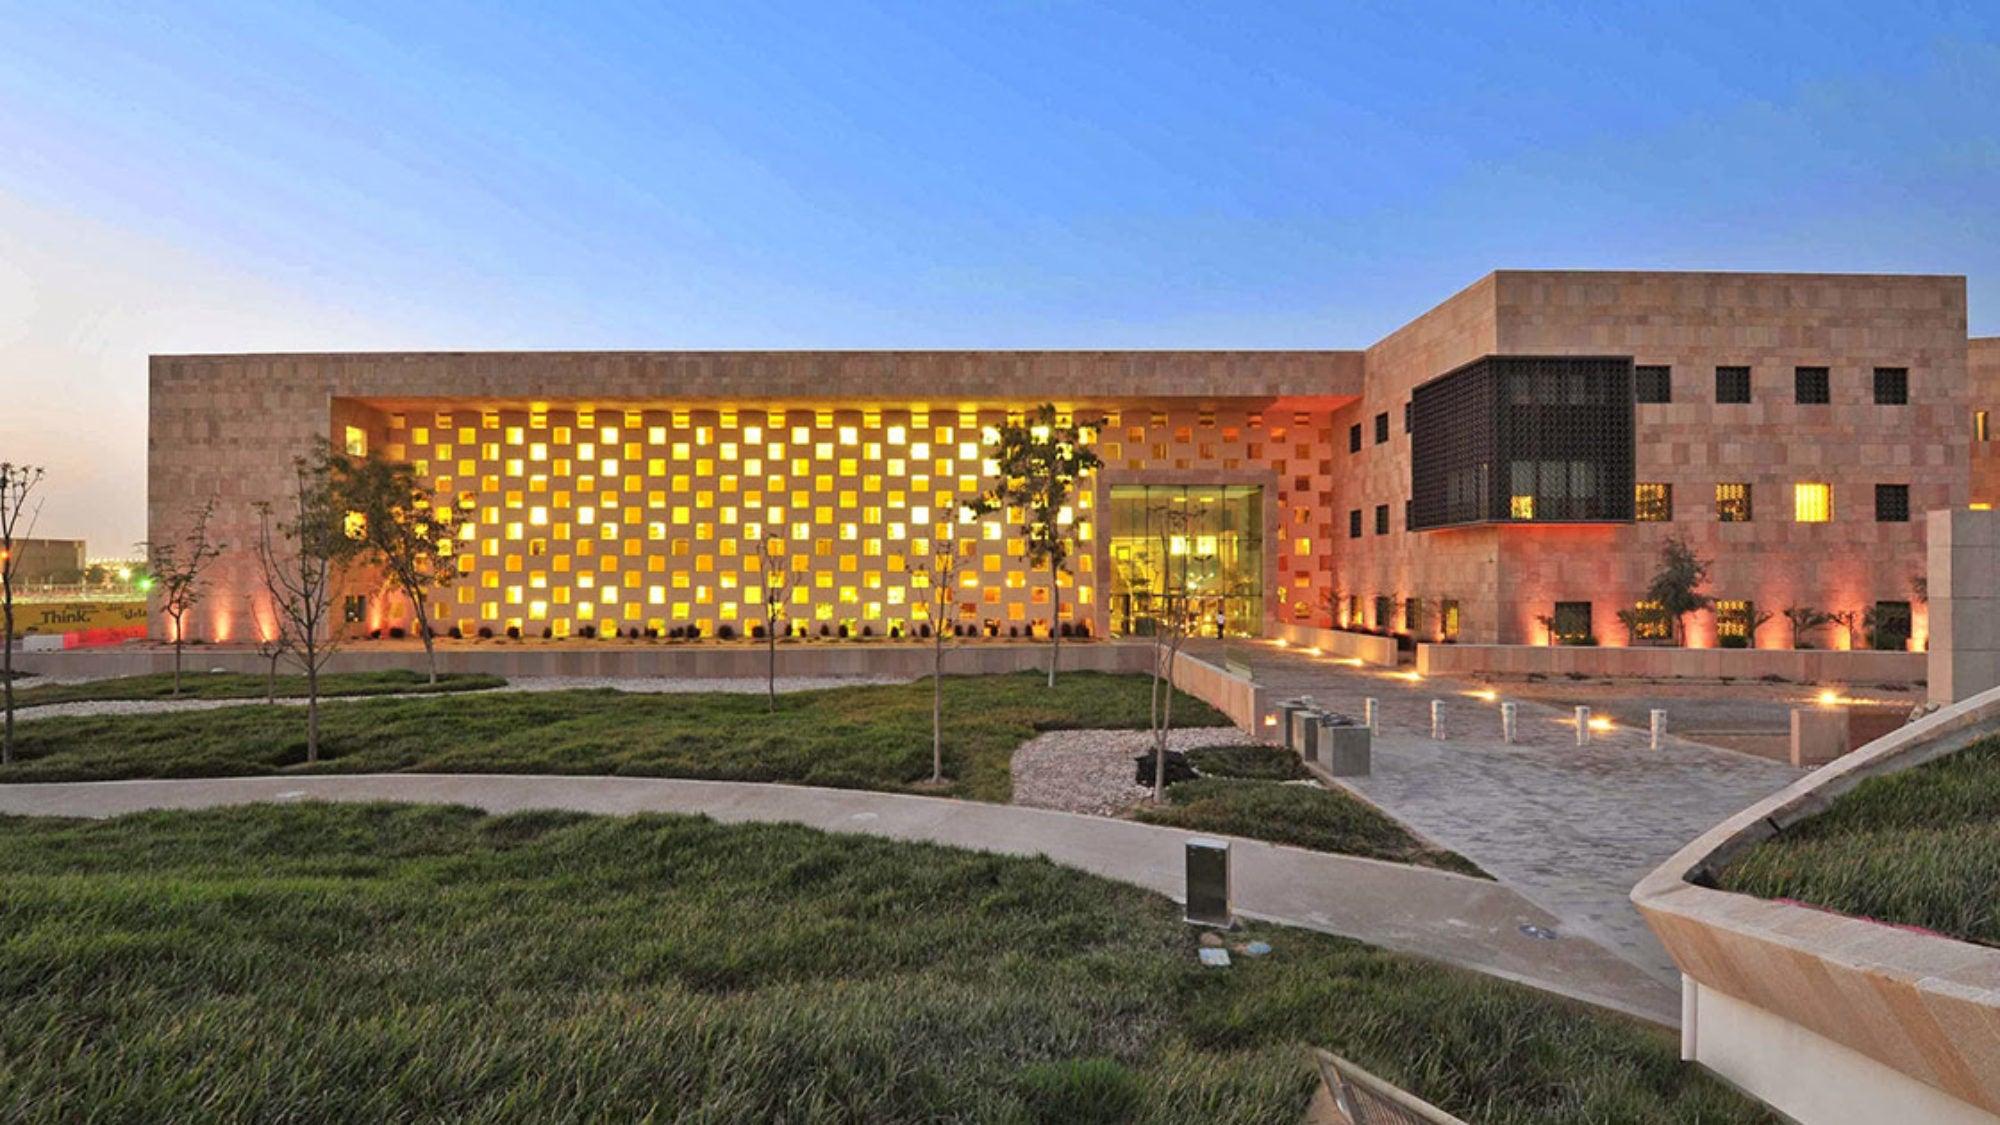 Georgetown University Qatar campus